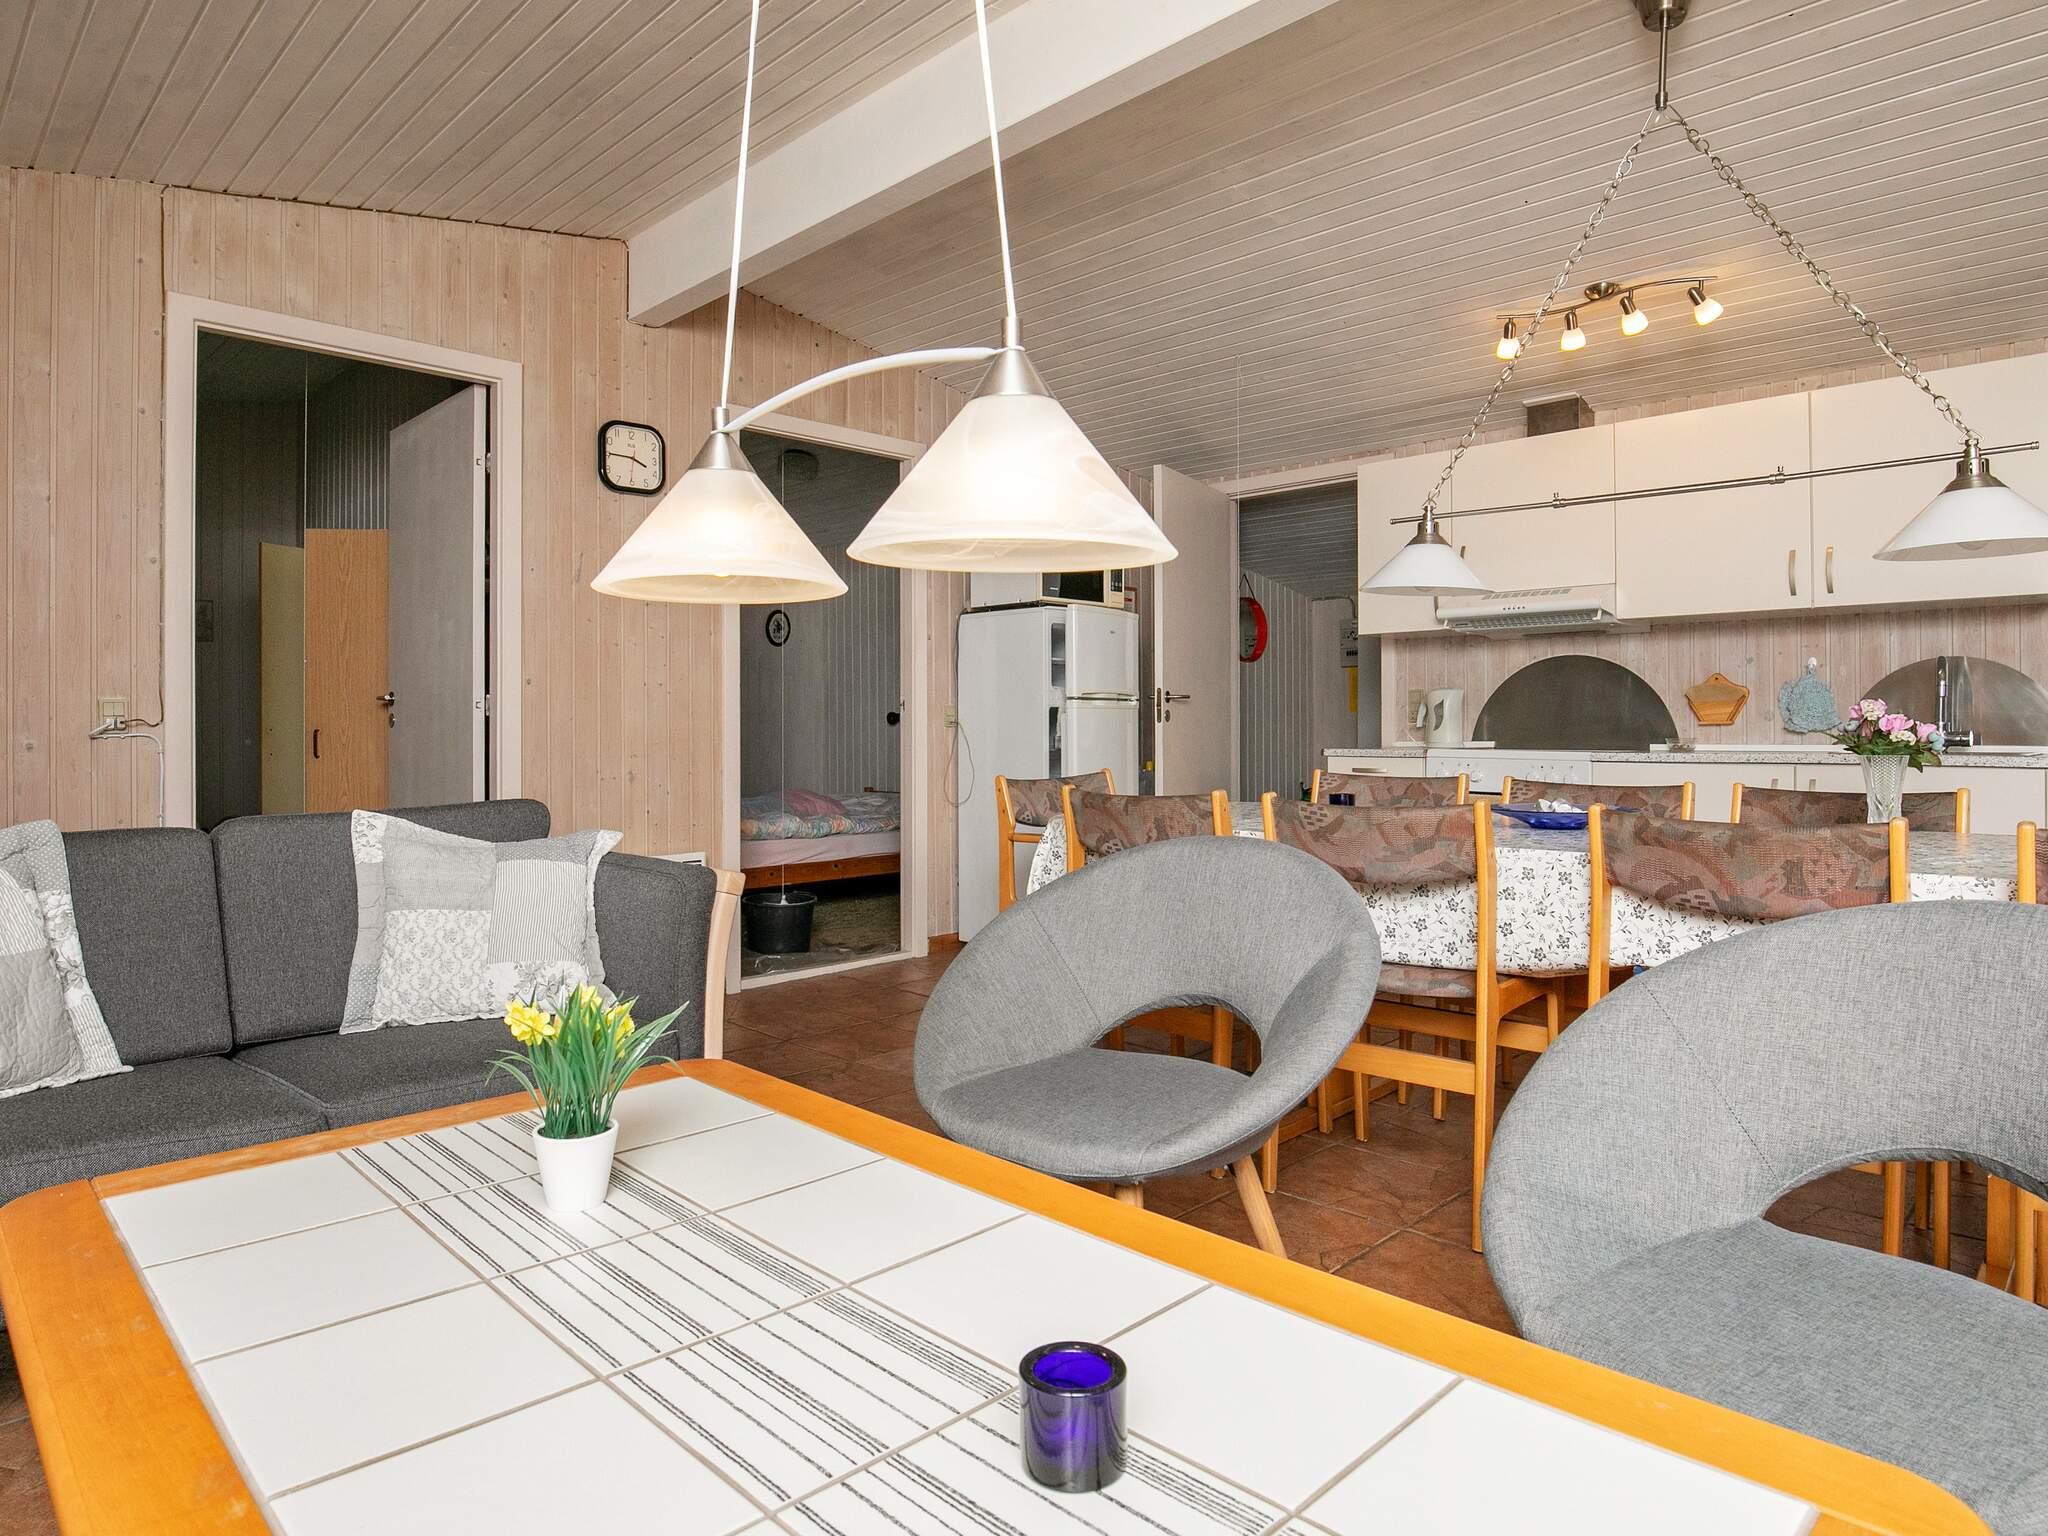 Ferienhaus Hummingen (81995), Hummingen, , Lolland, Dänemark, Bild 7